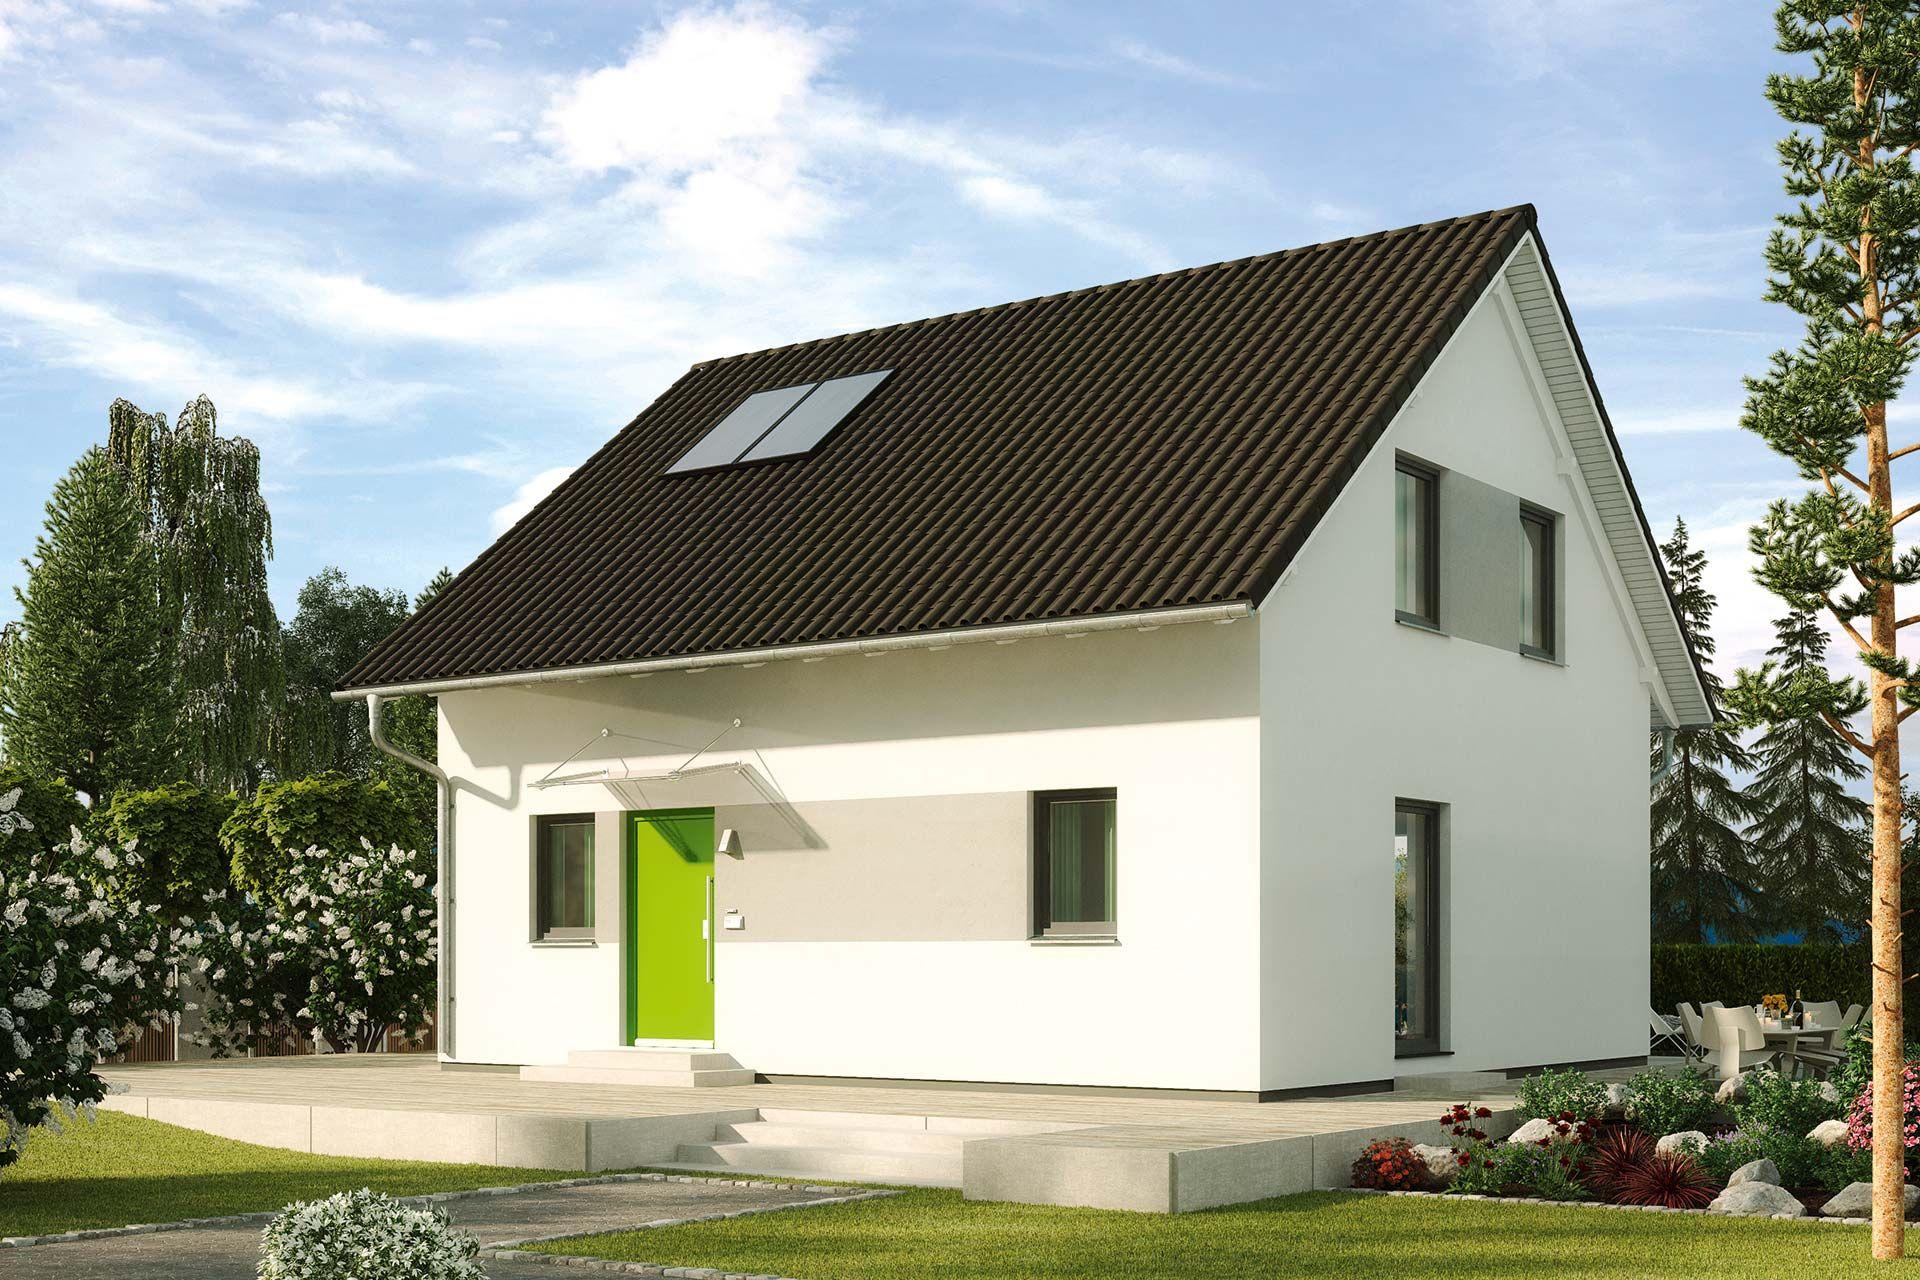 Einfamilienhaus günstig bauen Fliederallee ein Haus